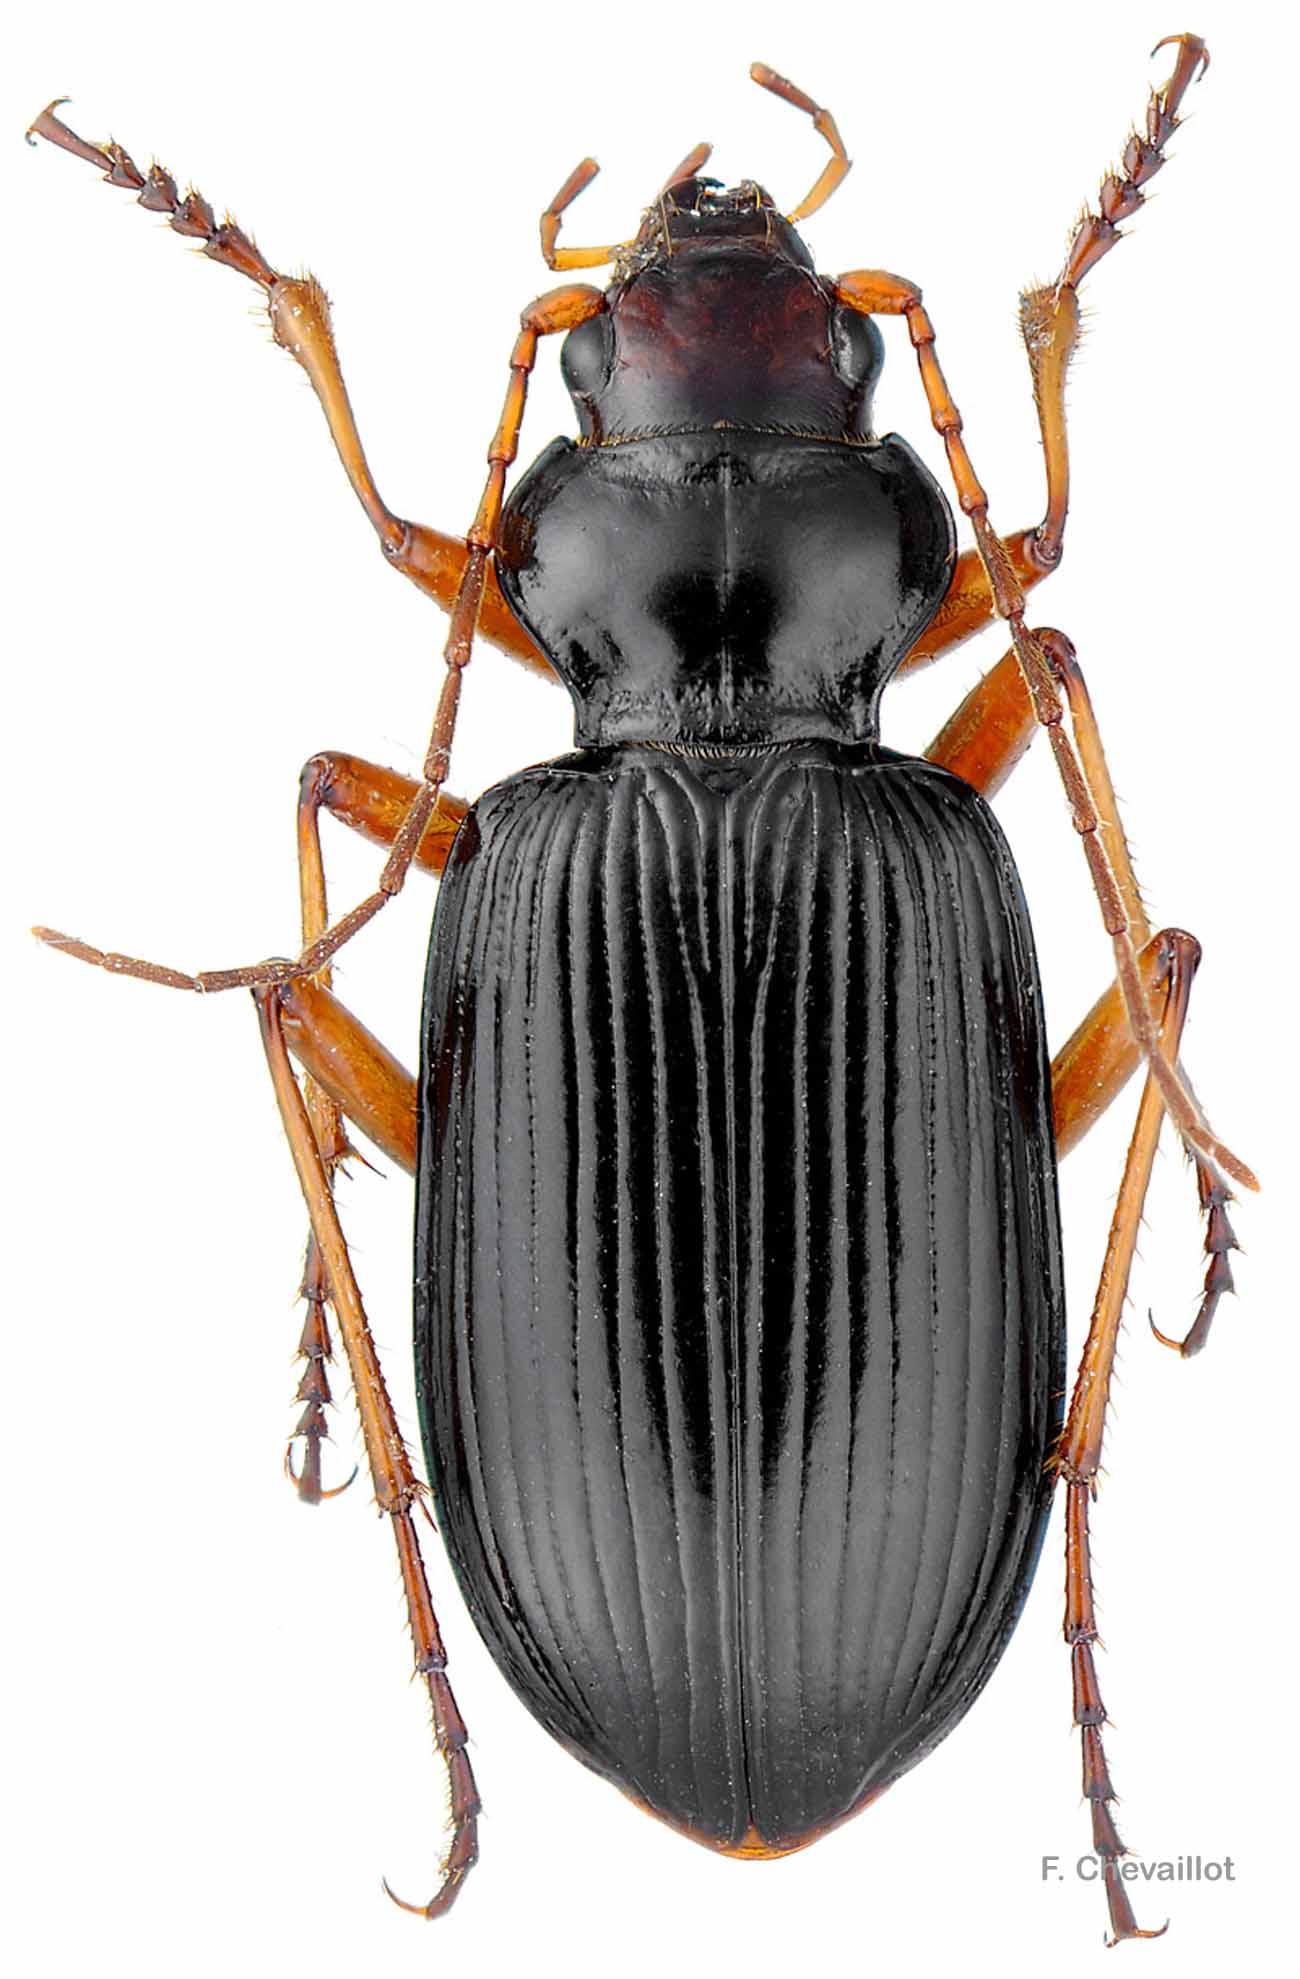 Nebria picicornis